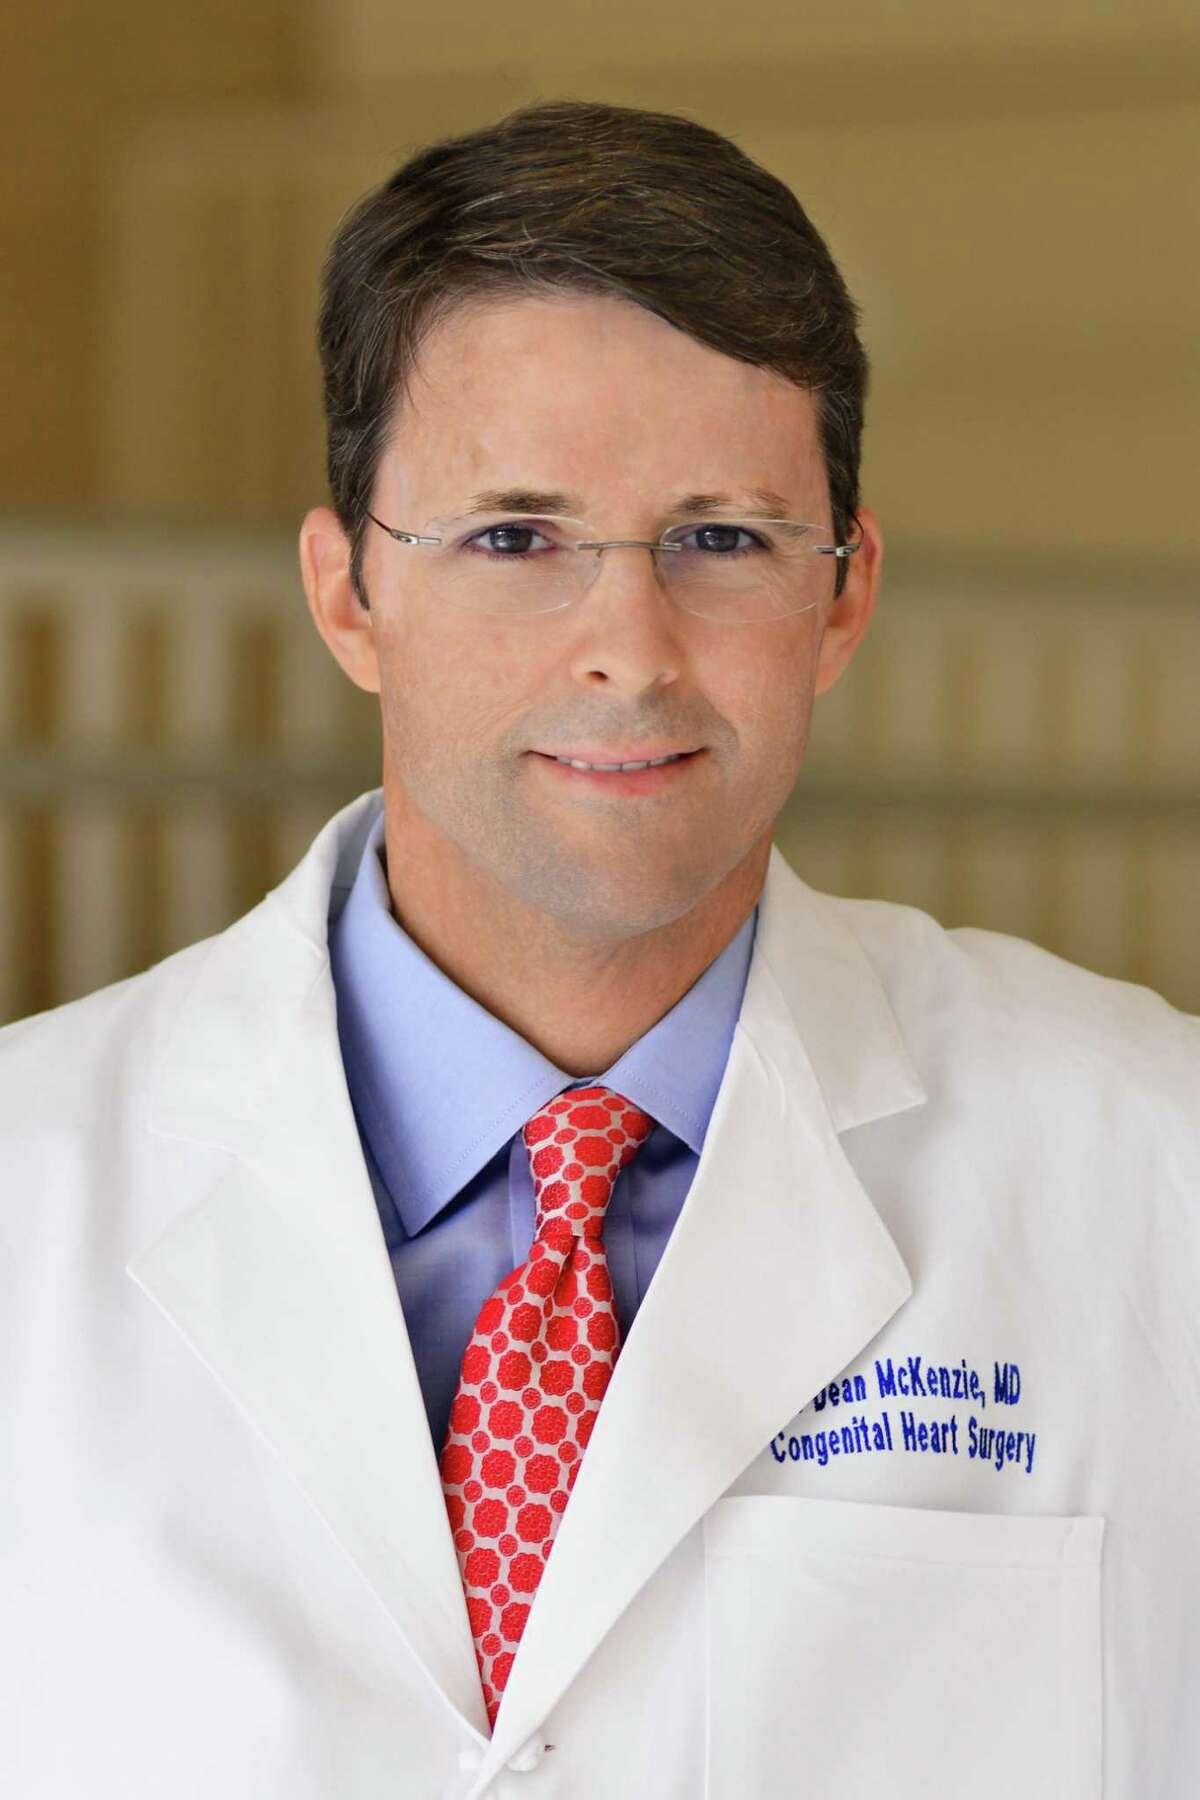 E. Dean McKenzie, MD